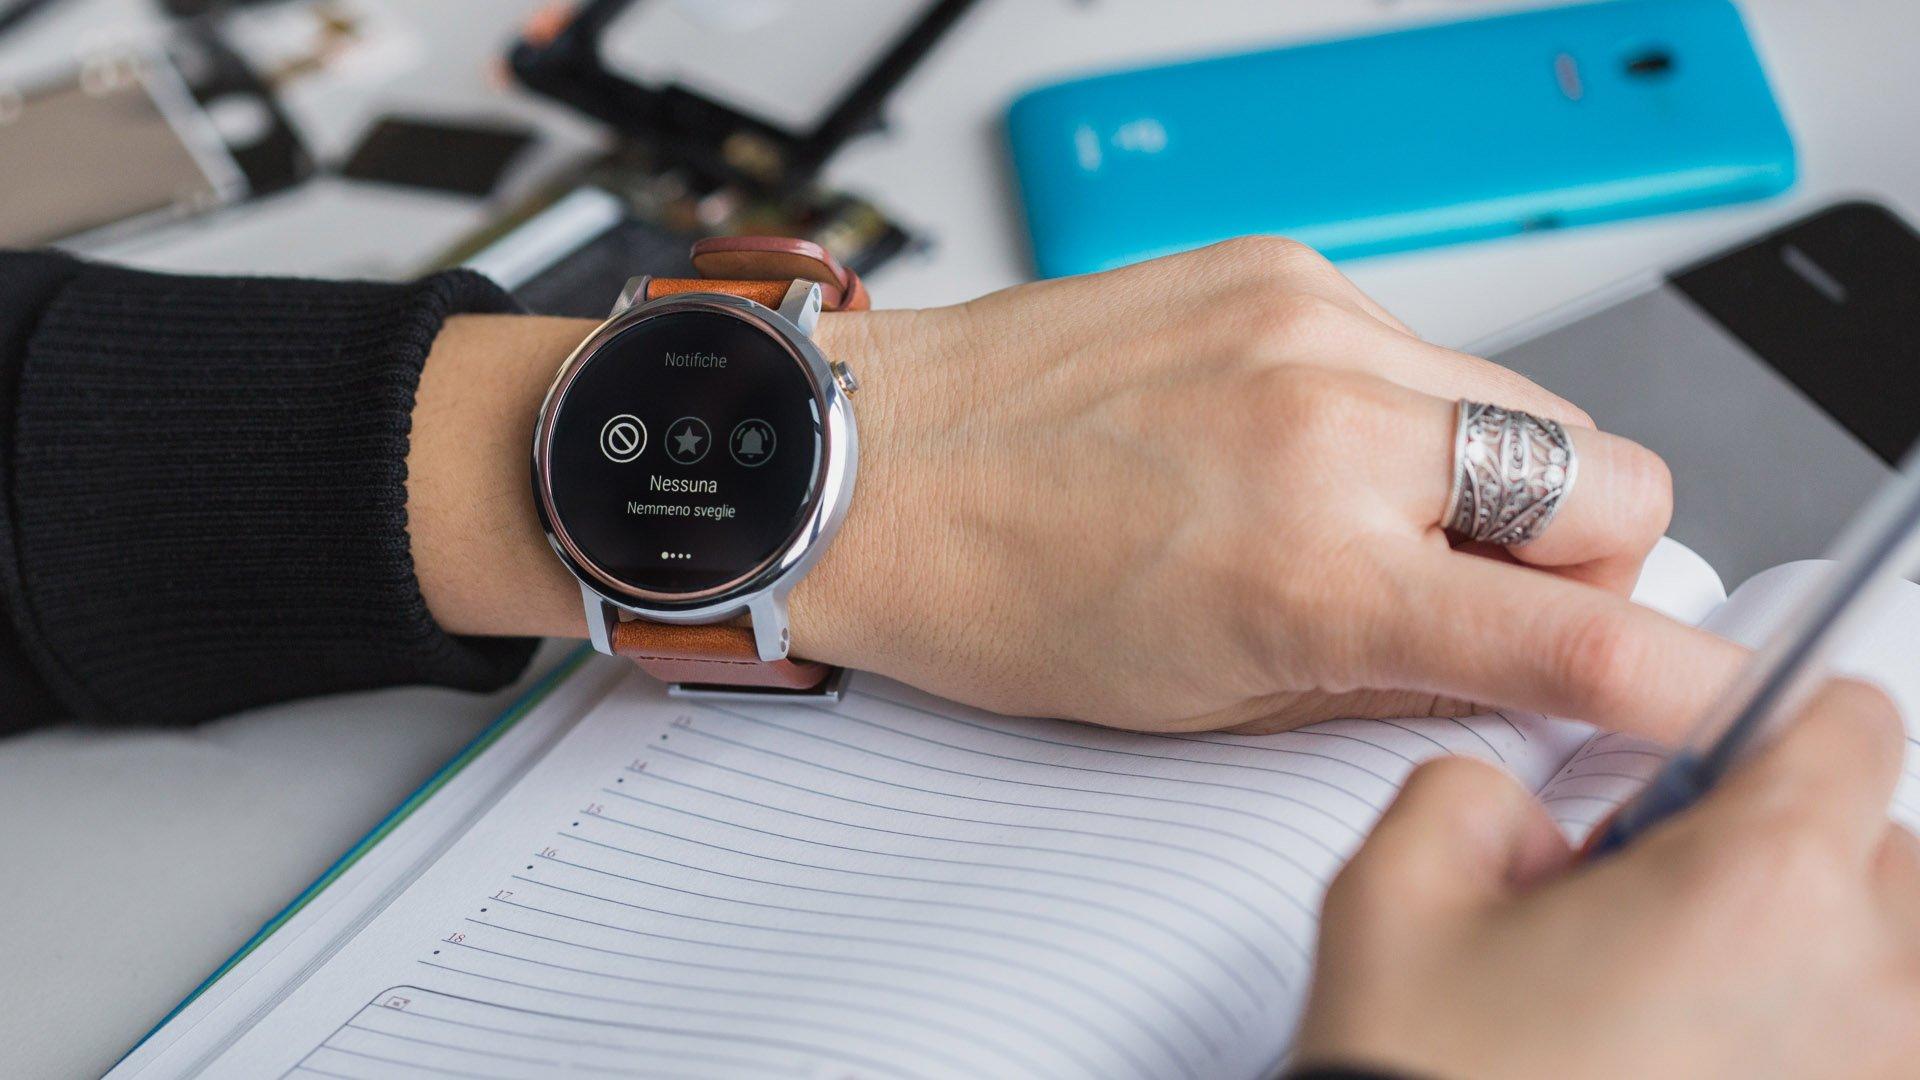 So geht's: Wear-OS-Smartwatch mit Android-Smartphone oder iPhone verbinden